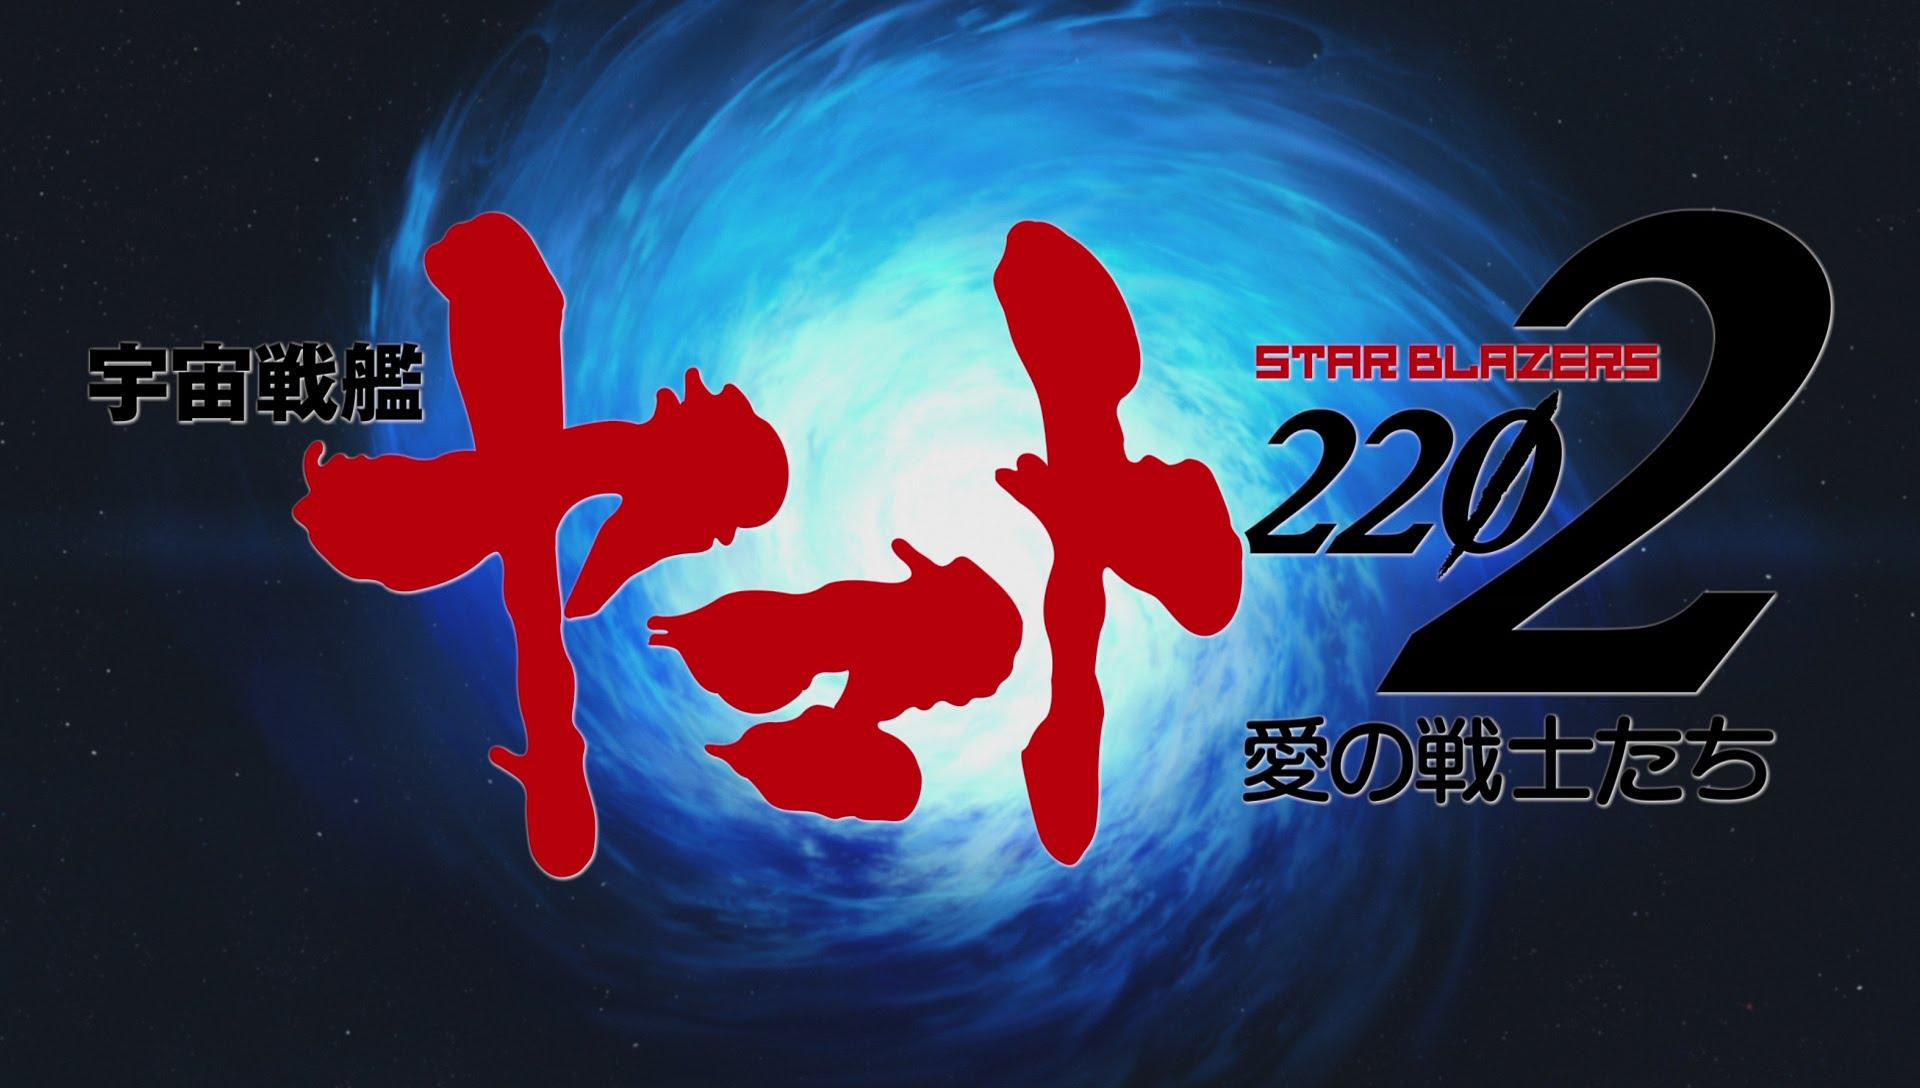 宇宙戦艦ヤマト2202【無料視聴】無料でみられる動画配信はこちら